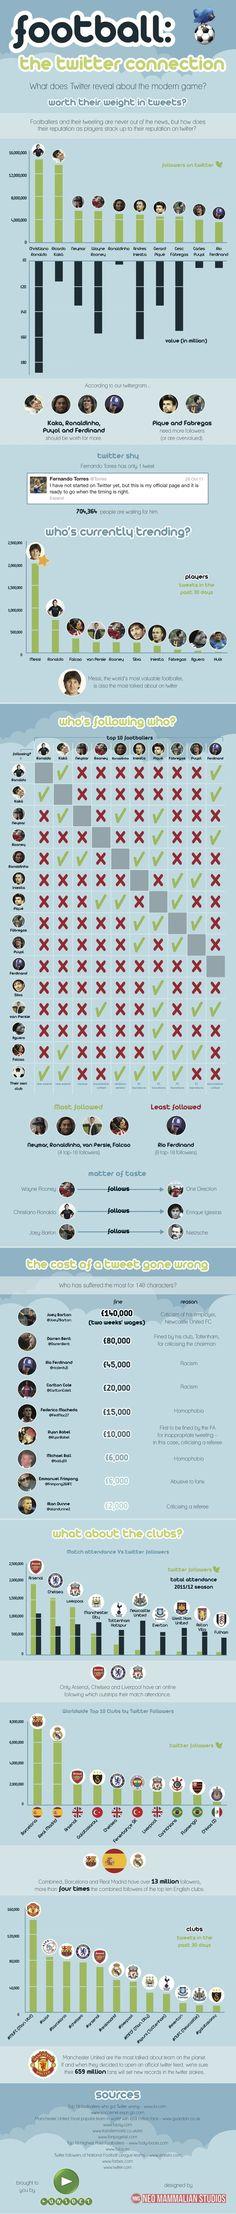 Twitter y su uso en el mundo del #futbol #redessociales #socialmedia #sport #soccer football #infographics  #infografia vía @Manuel Moreno